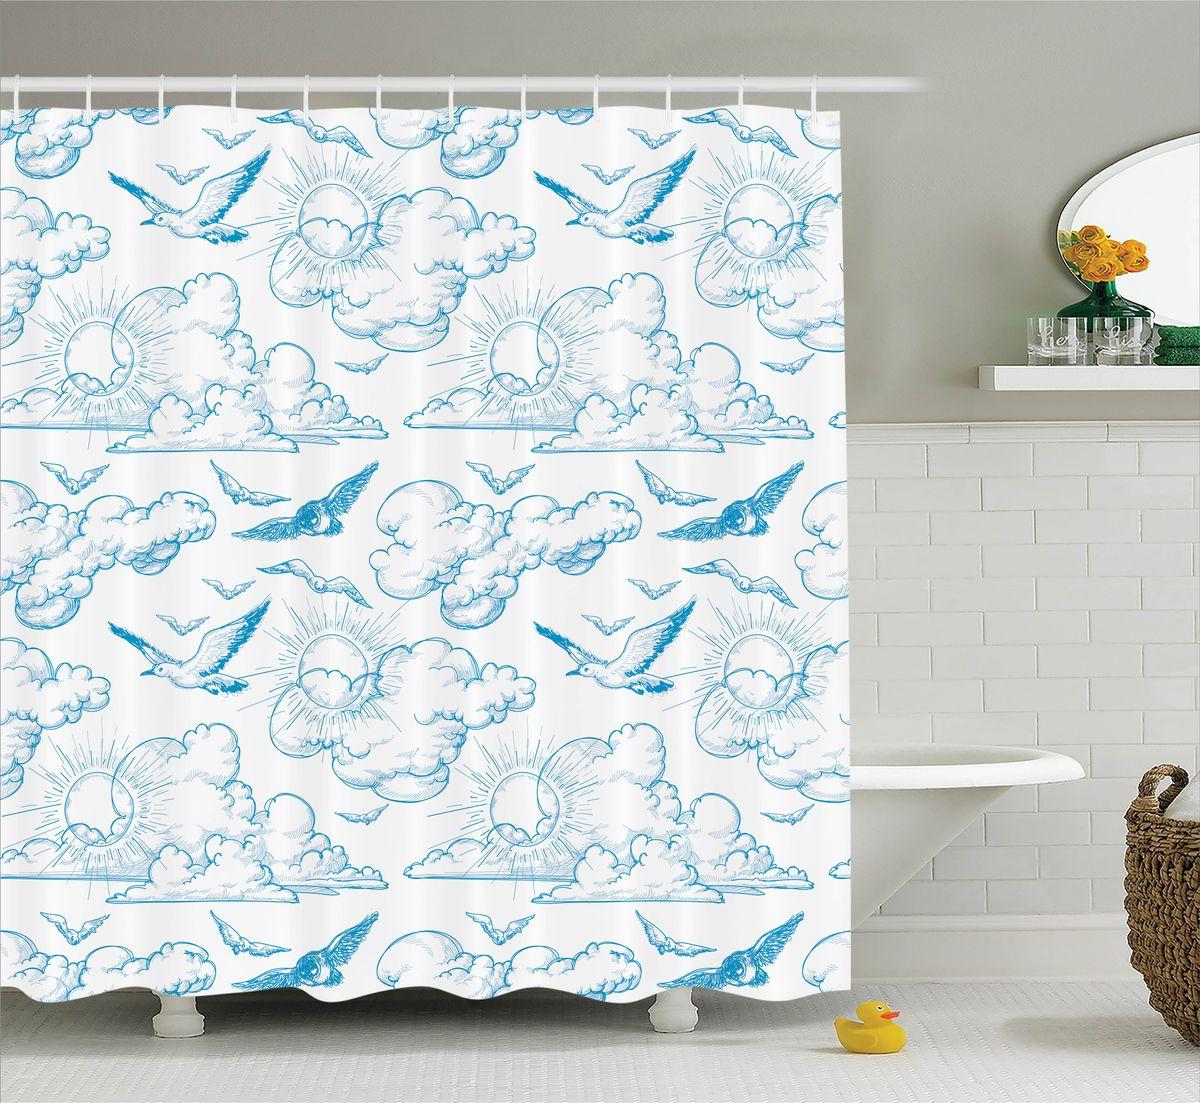 Штора для ванной комнаты Magic Lady Птицы в небе, 180 х 200 смшв_11368Штора Magic Lady Птицы в небе, изготовленная из высококачественного сатена (полиэстер 100%), отлично дополнит любой интерьер ванной комнаты. При изготовлении используются специальные гипоаллергенные чернила для прямой печати по ткани, безопасные для человека. В комплекте: 1 штора, 12 крючков. Обращаем ваше внимание, фактический цвет изделия может незначительно отличаться от представленного на фото.